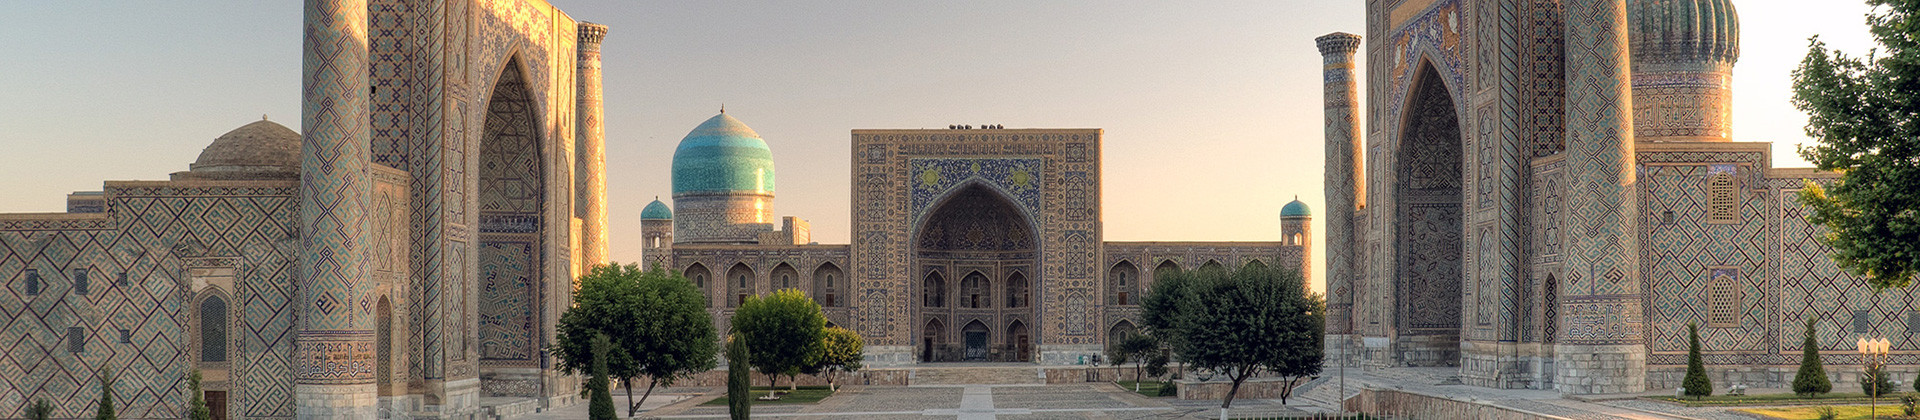 Valentine in Uzbekistan - 1